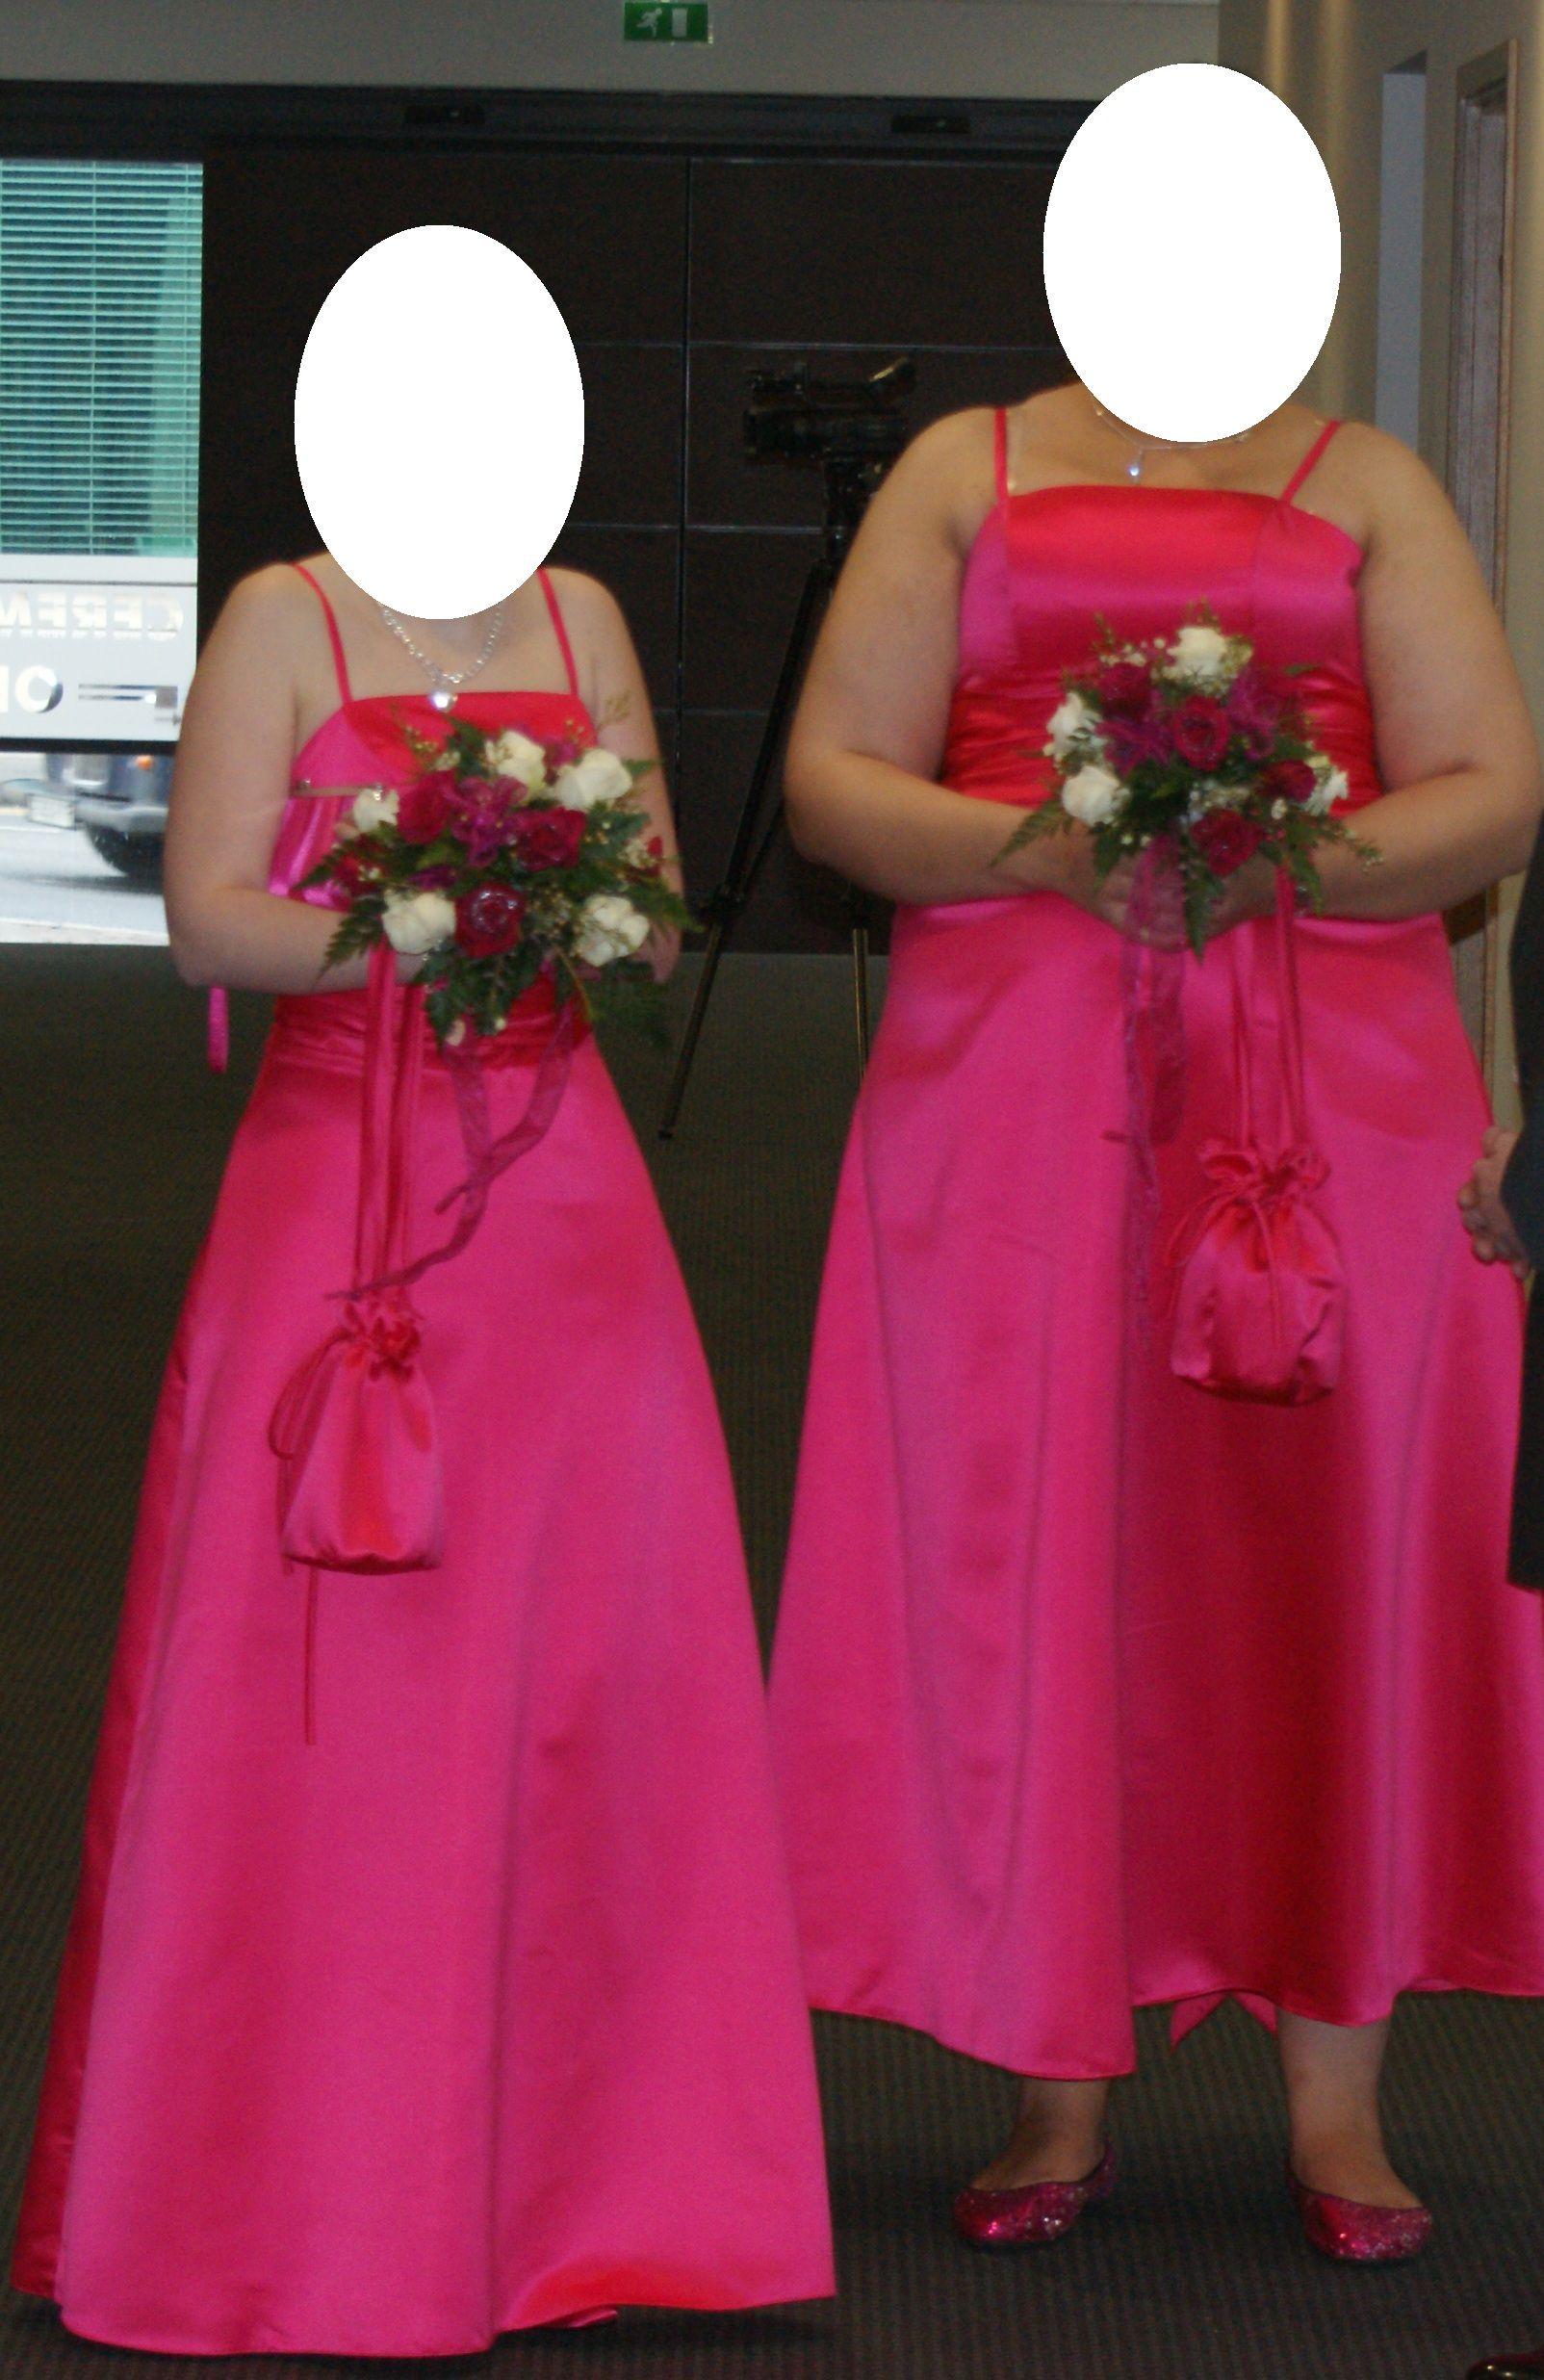 Hot Pink Bridesmaid Dresses | Hot pink Bridesmaid dress and dolly ...